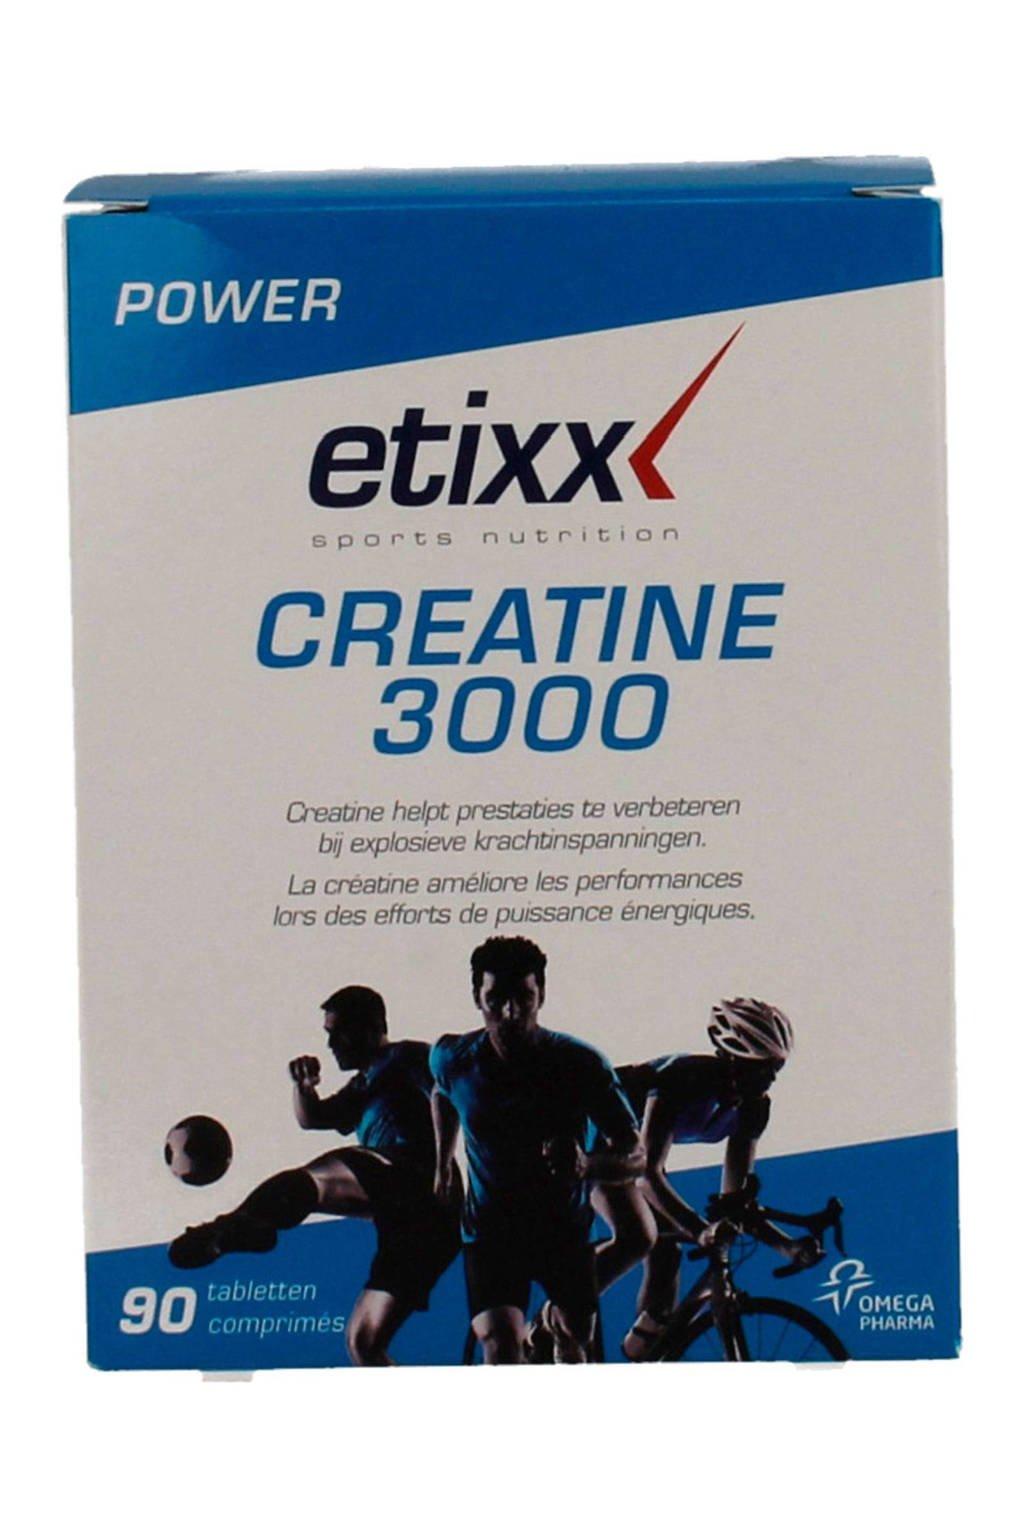 Etixx Power Creatine 1000 met Taurine - 90 tabletten